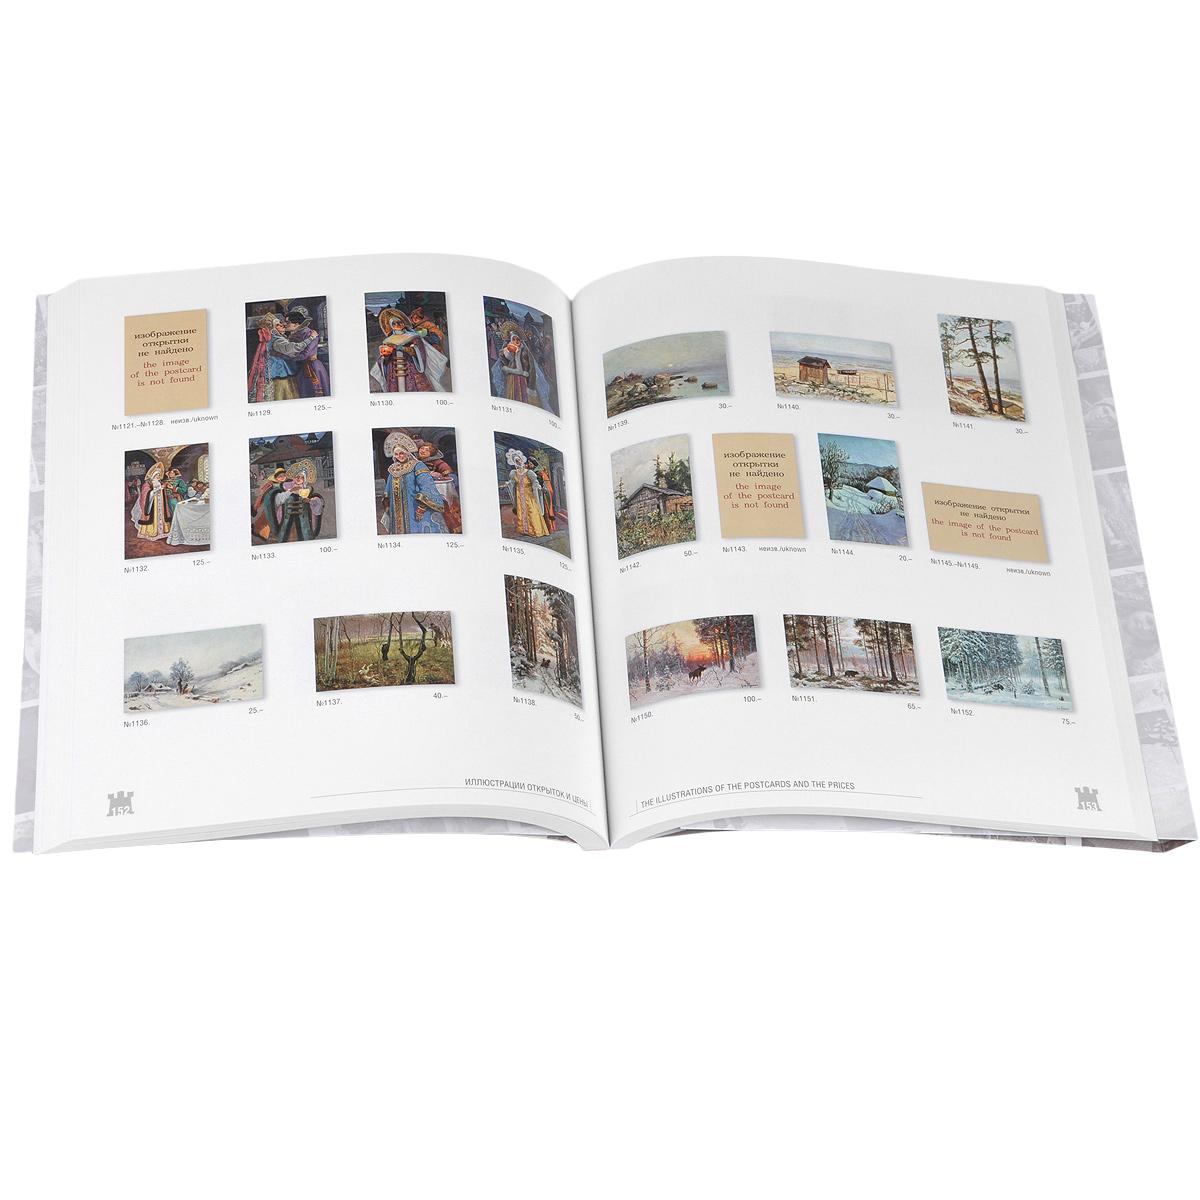 Издательства открыток и их каталоги 158